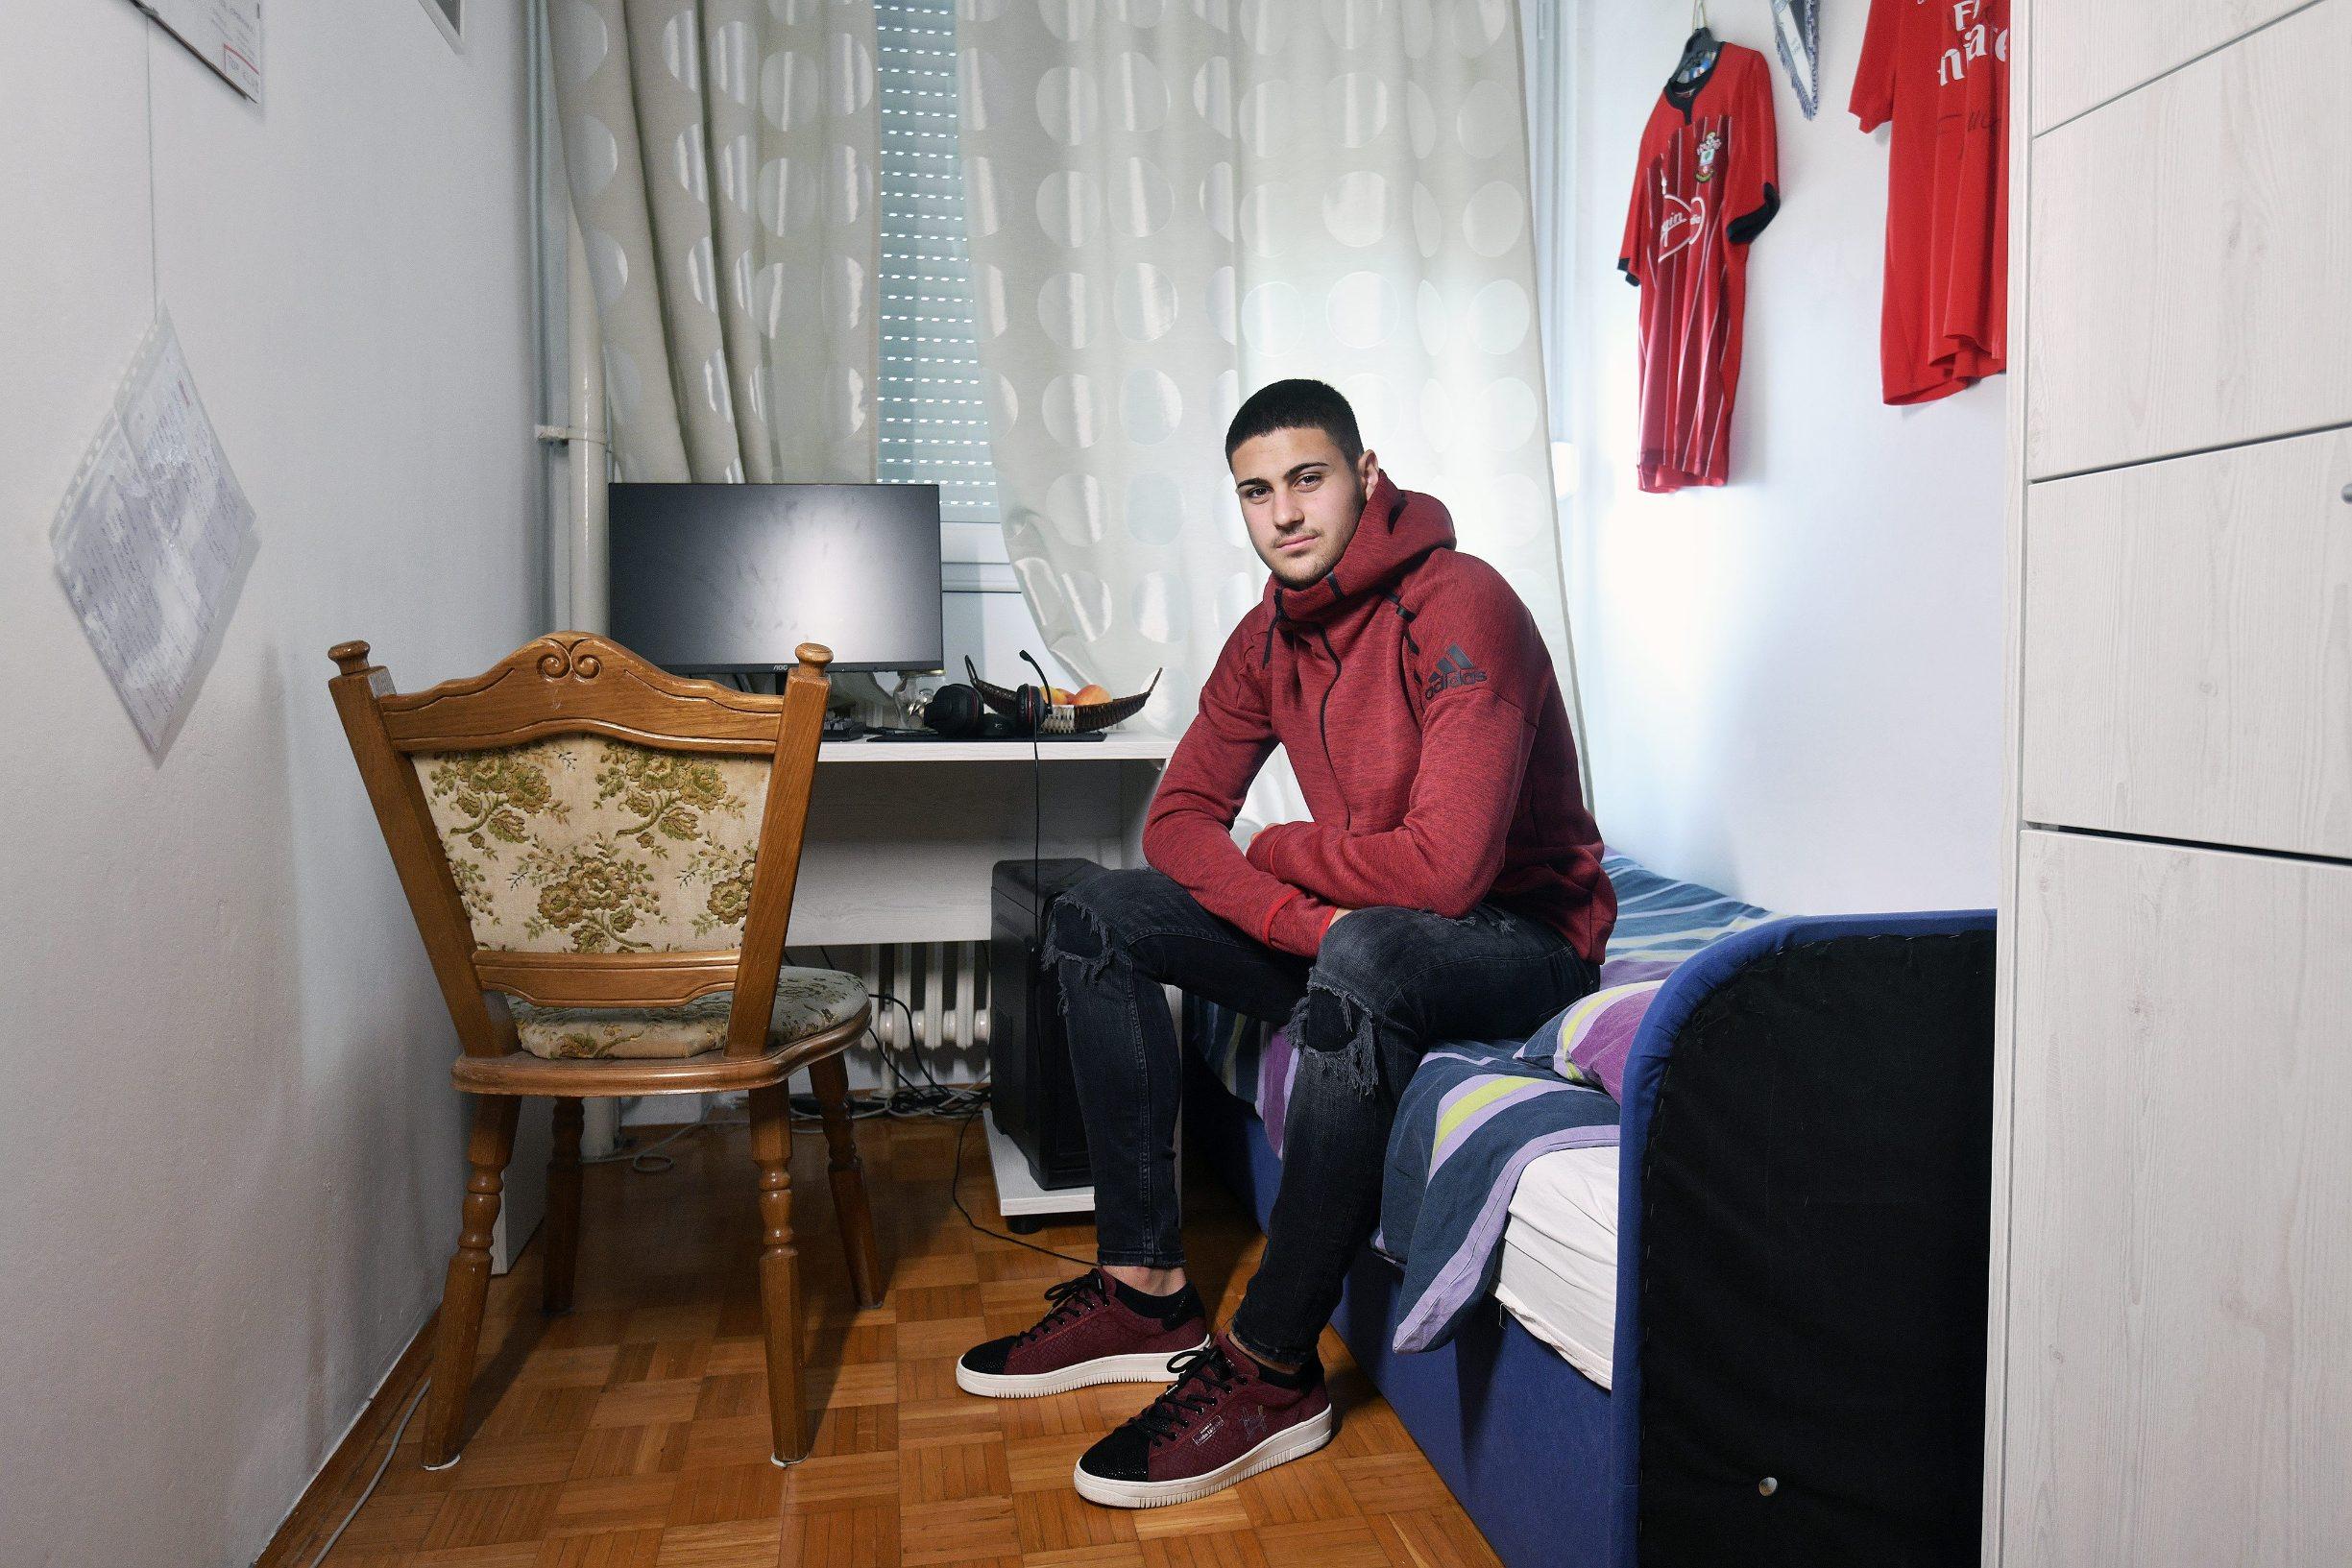 Zagreb, 031119. Josko Gvardiol, igrac GNK Dinama, fotografiran na Srednjacima gdje zivi. Foto: Boris Kovacev / CROPIX